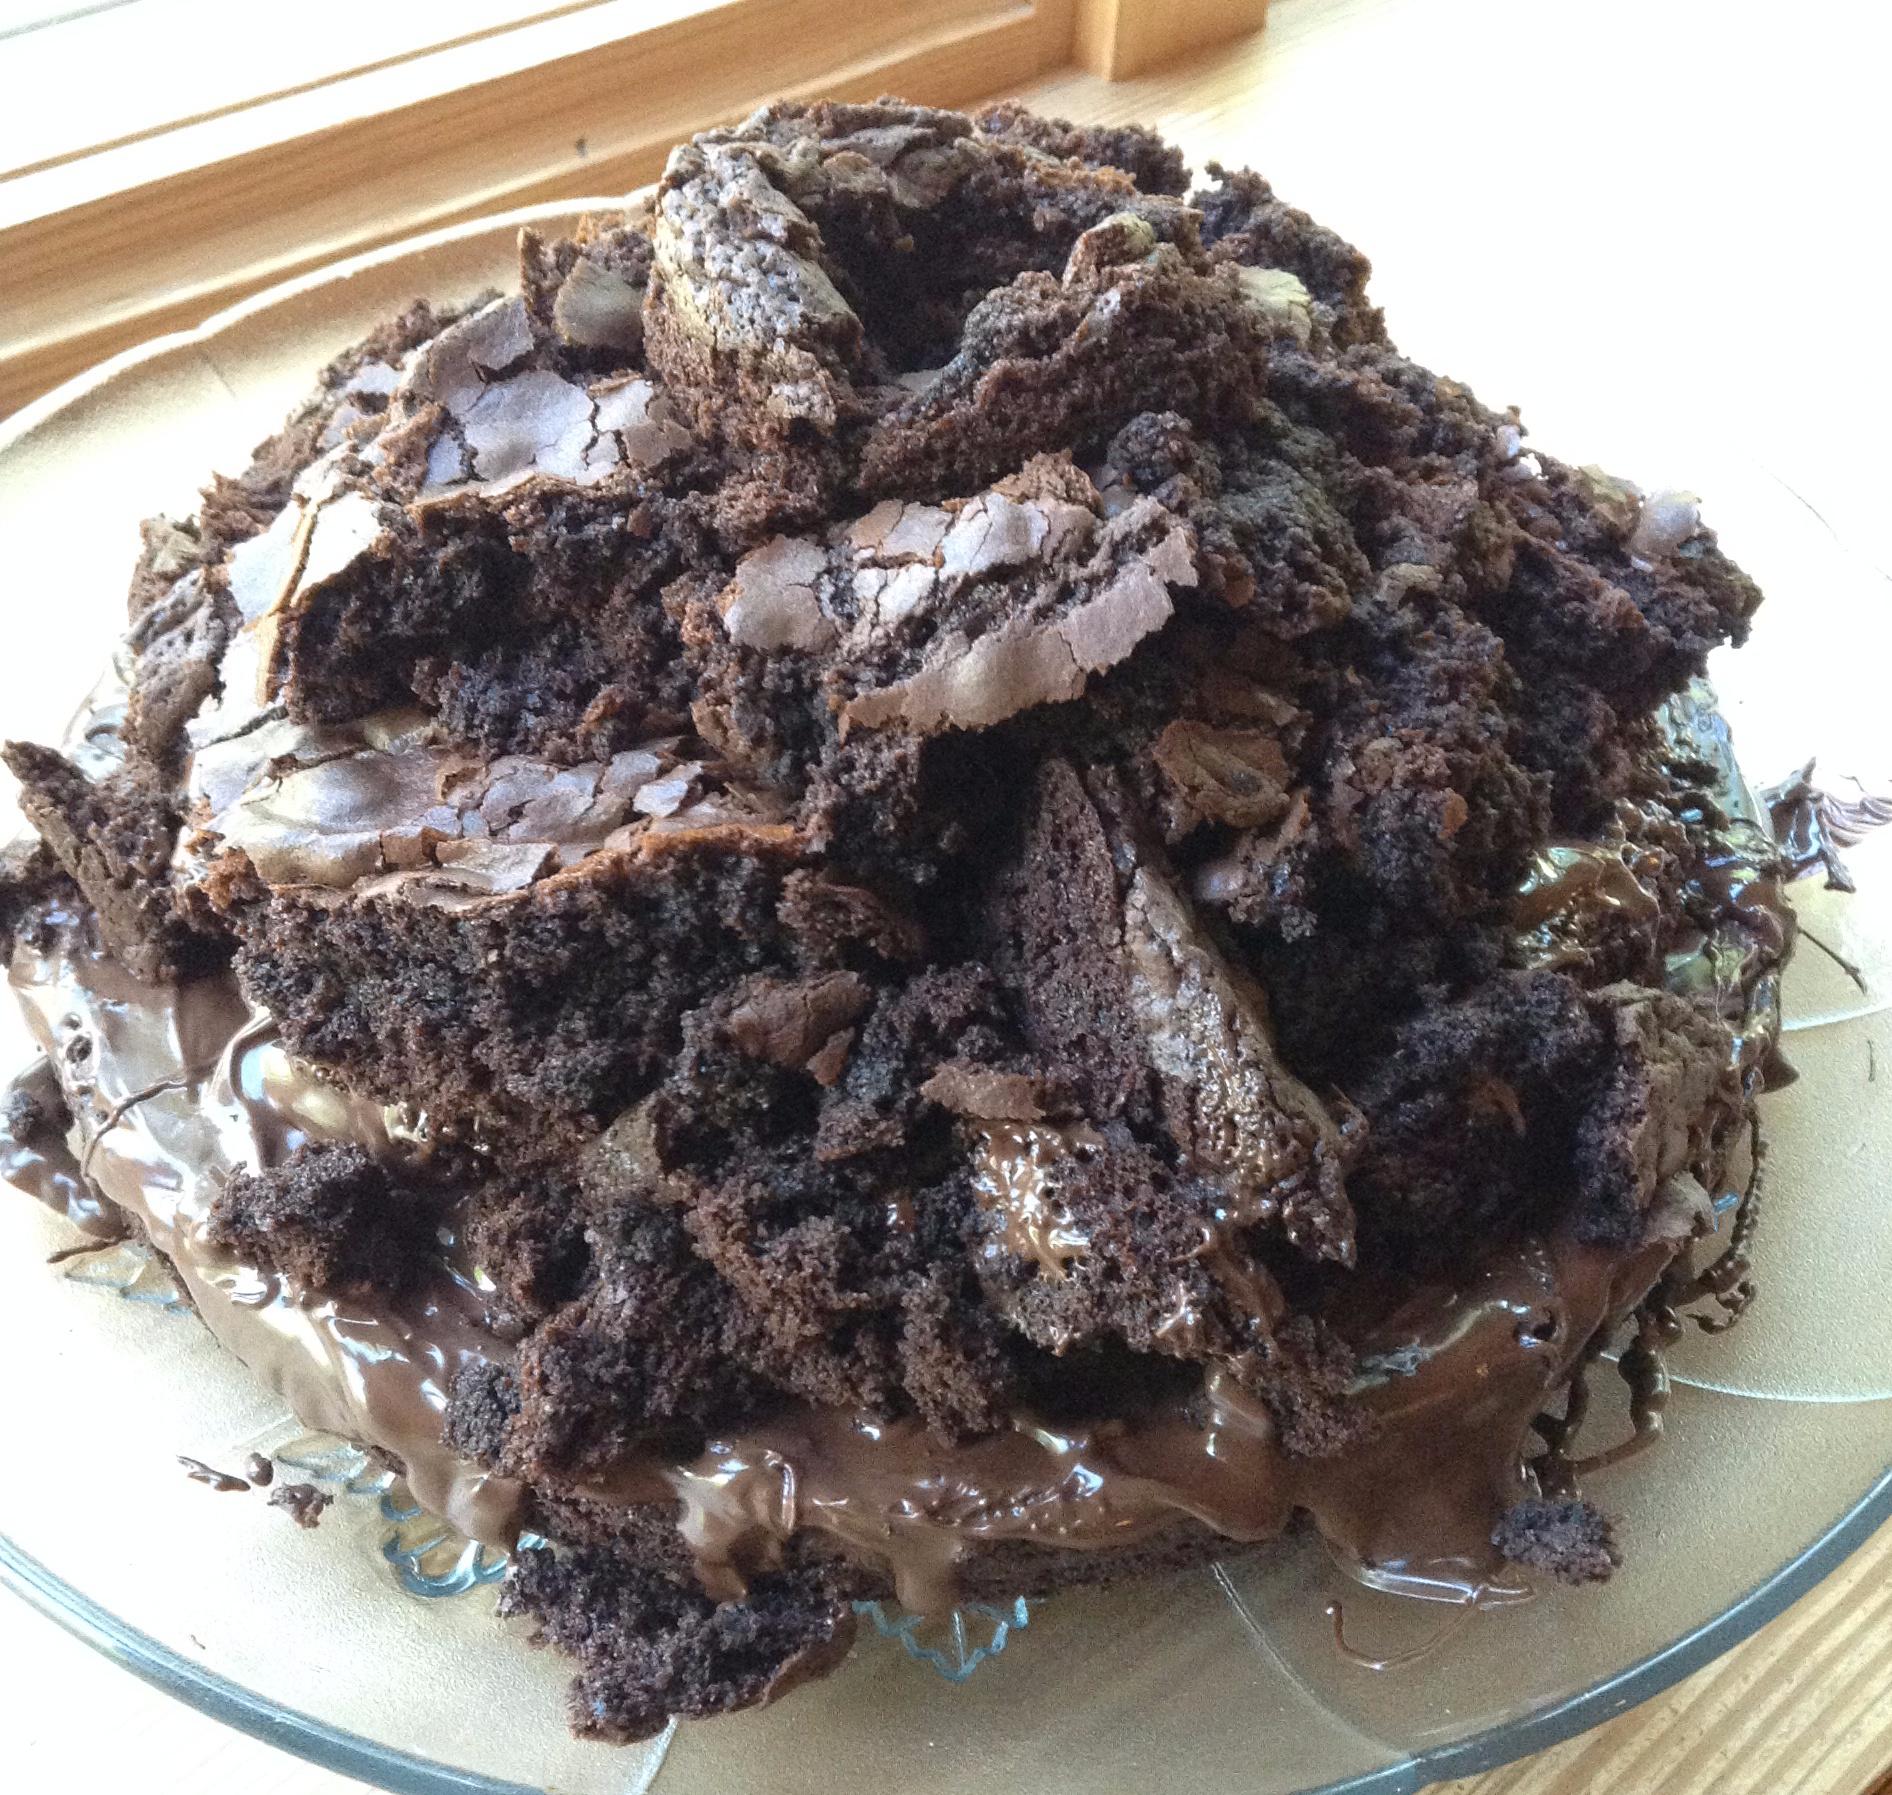 mount doom cake.jpg